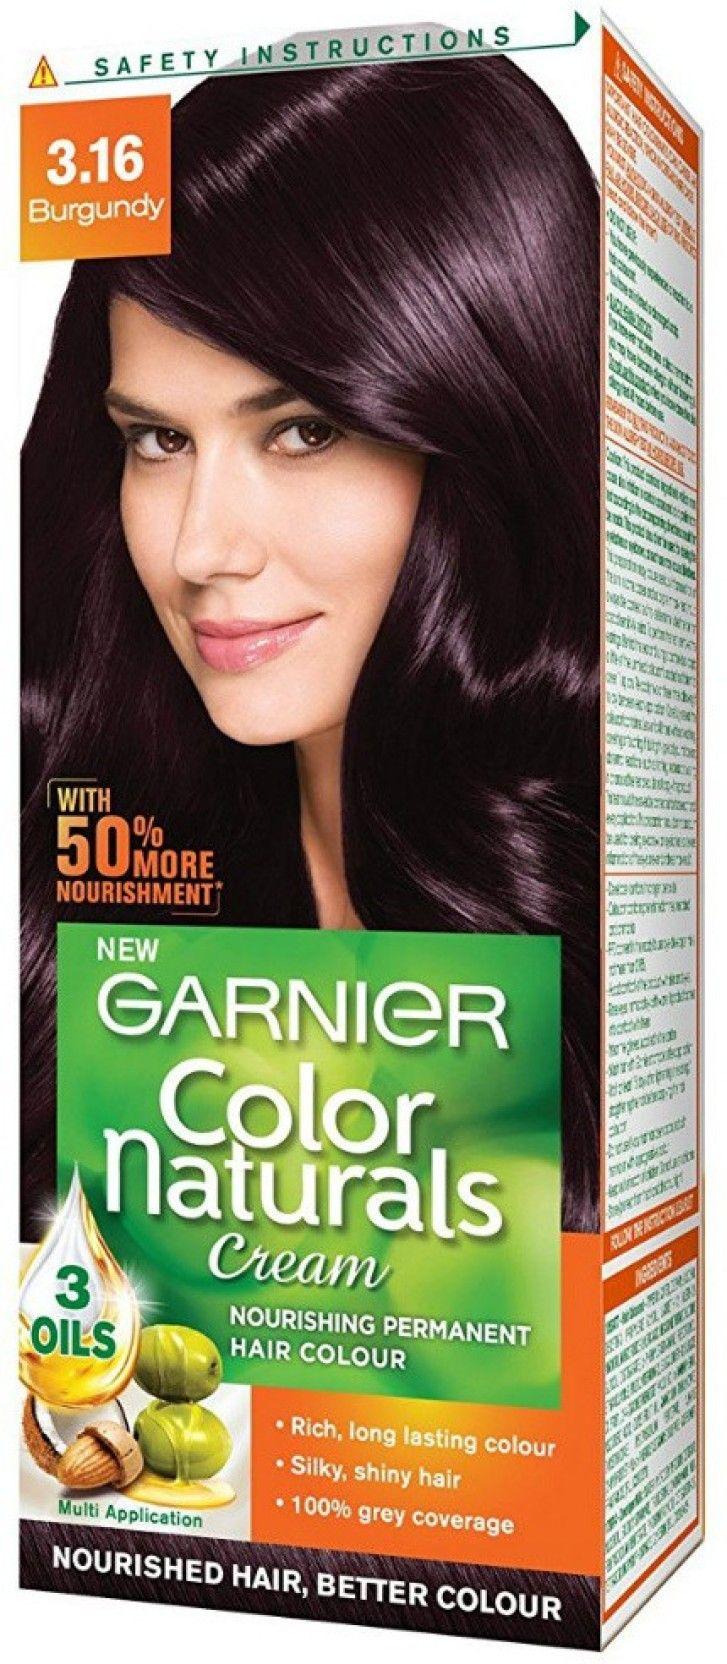 Garnier hair color | hair stuff | Pinterest | Garnier hair color ...